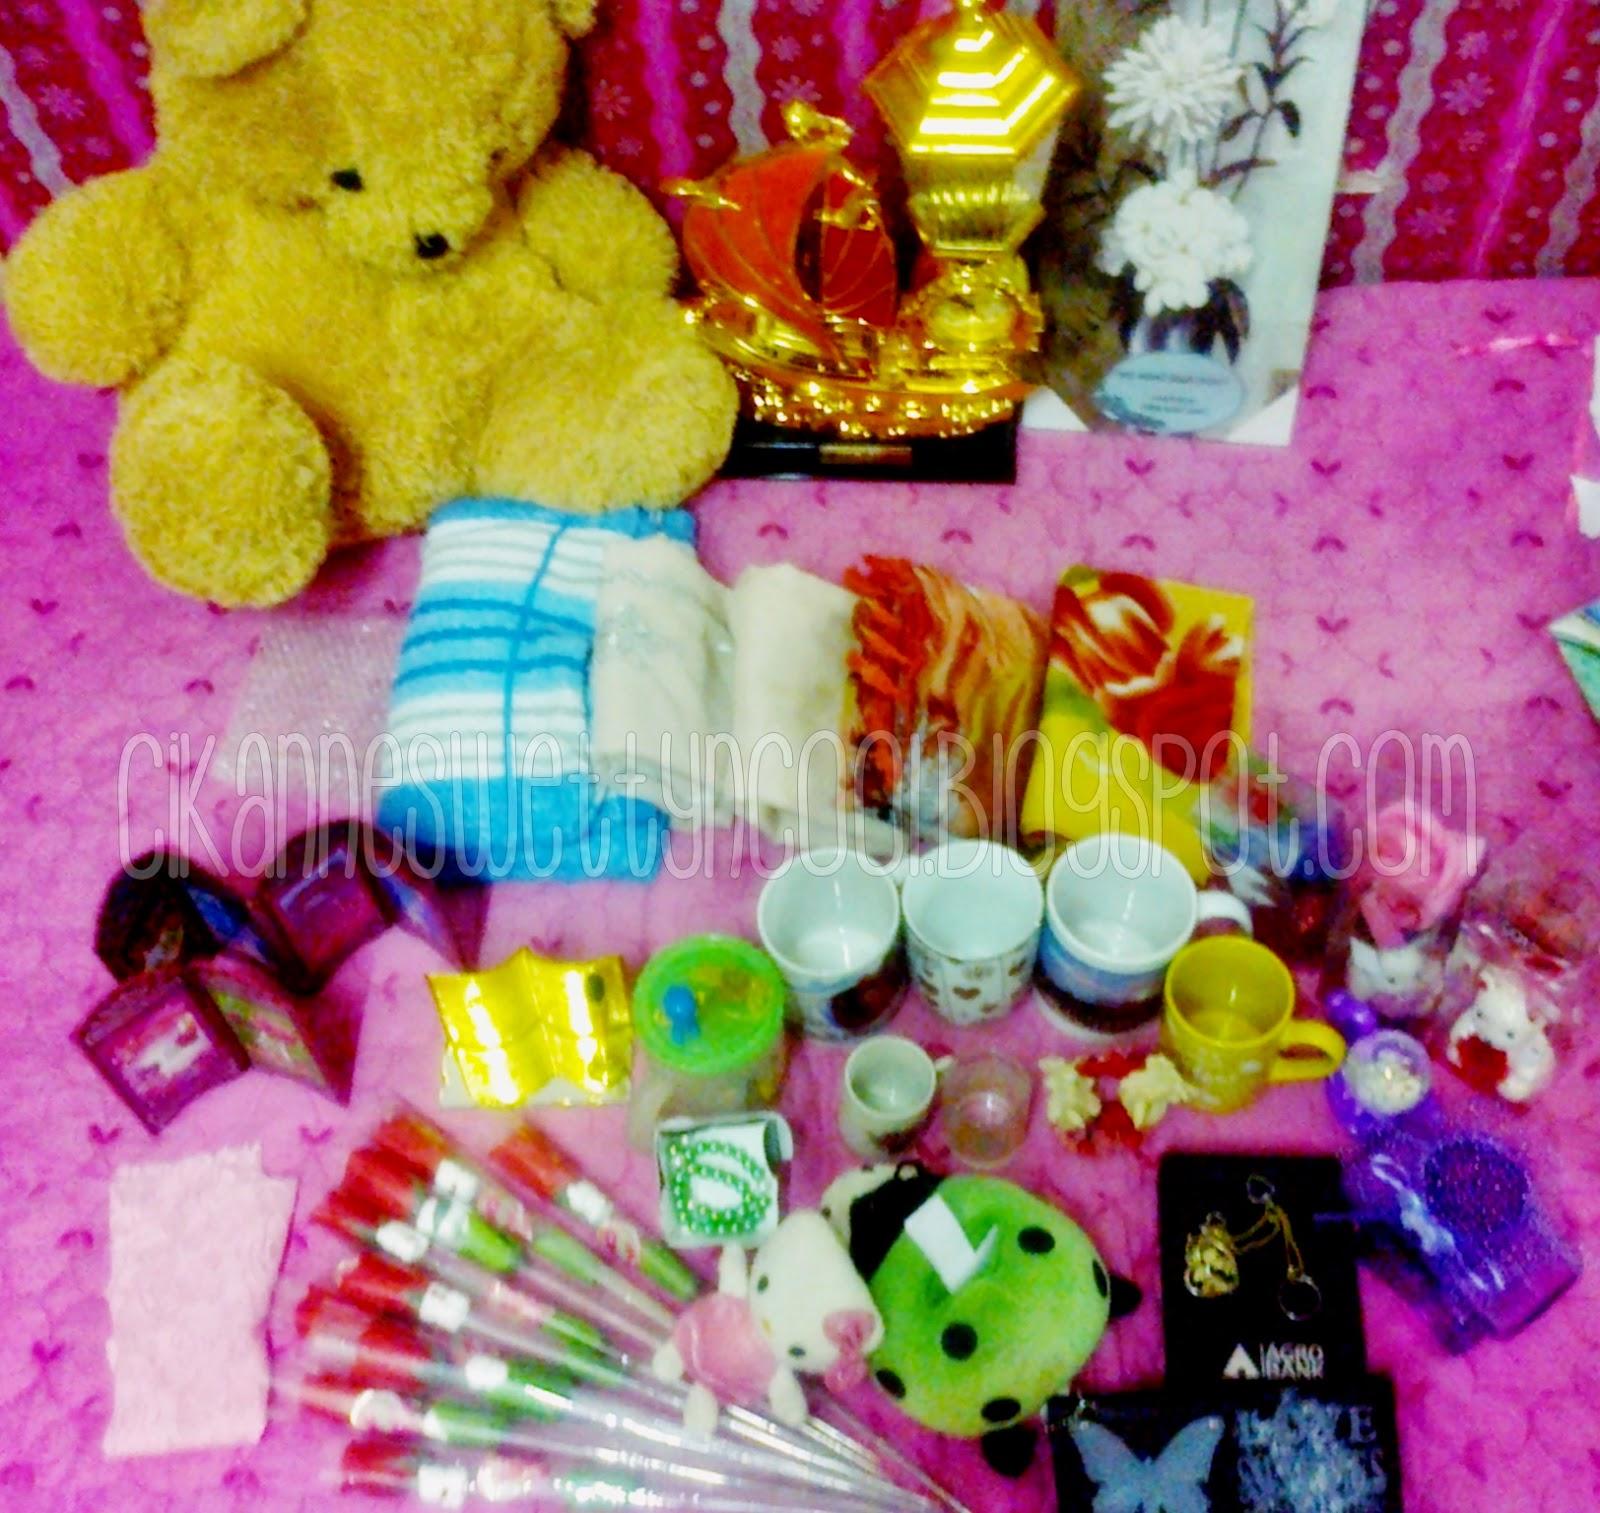 koleksi hadiah daripada murid-murid